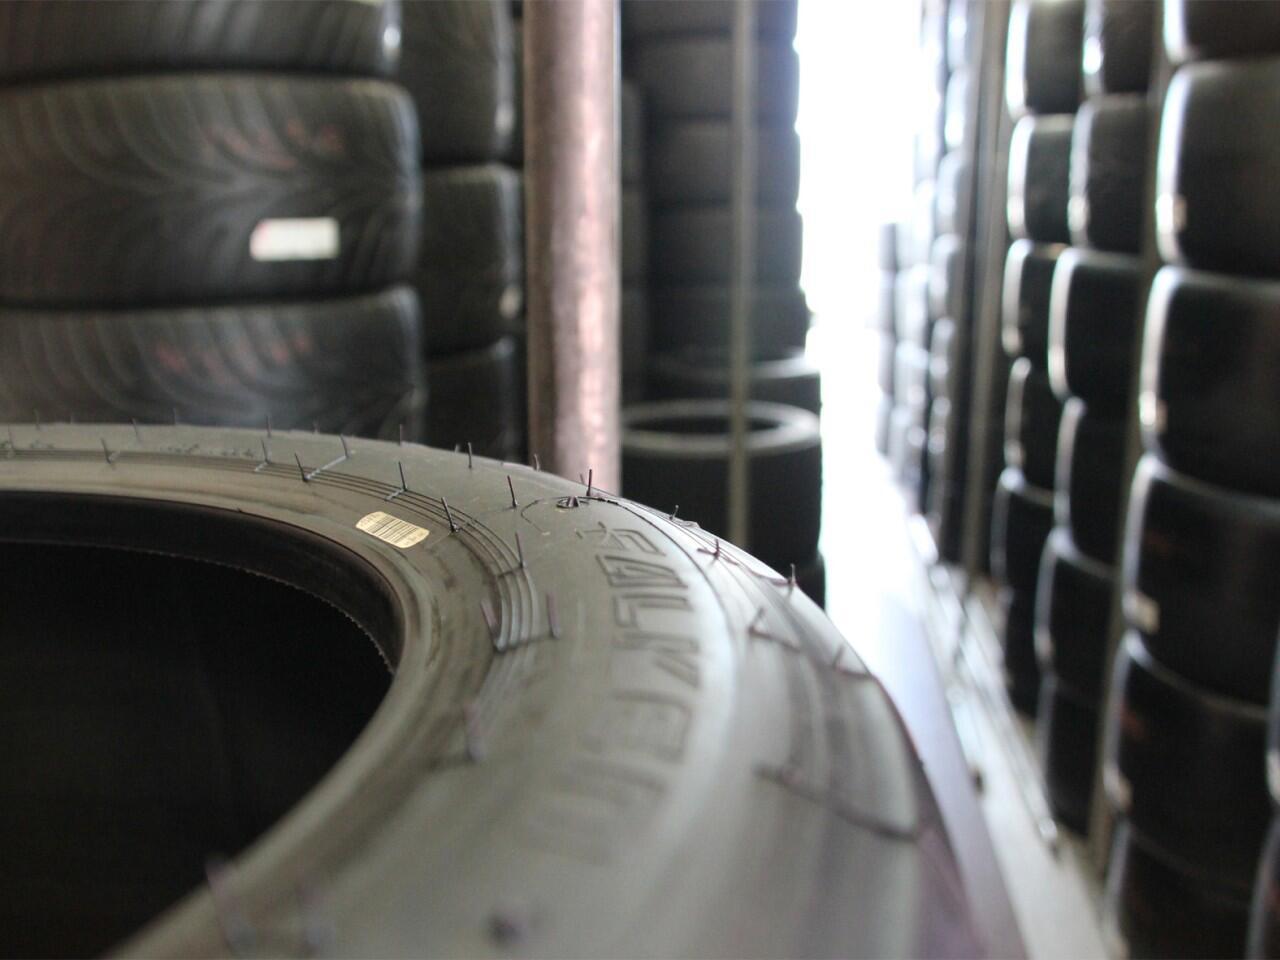 Gummipflege Fürs Auto Beugt Zugefrorenen Türen Vor Webde